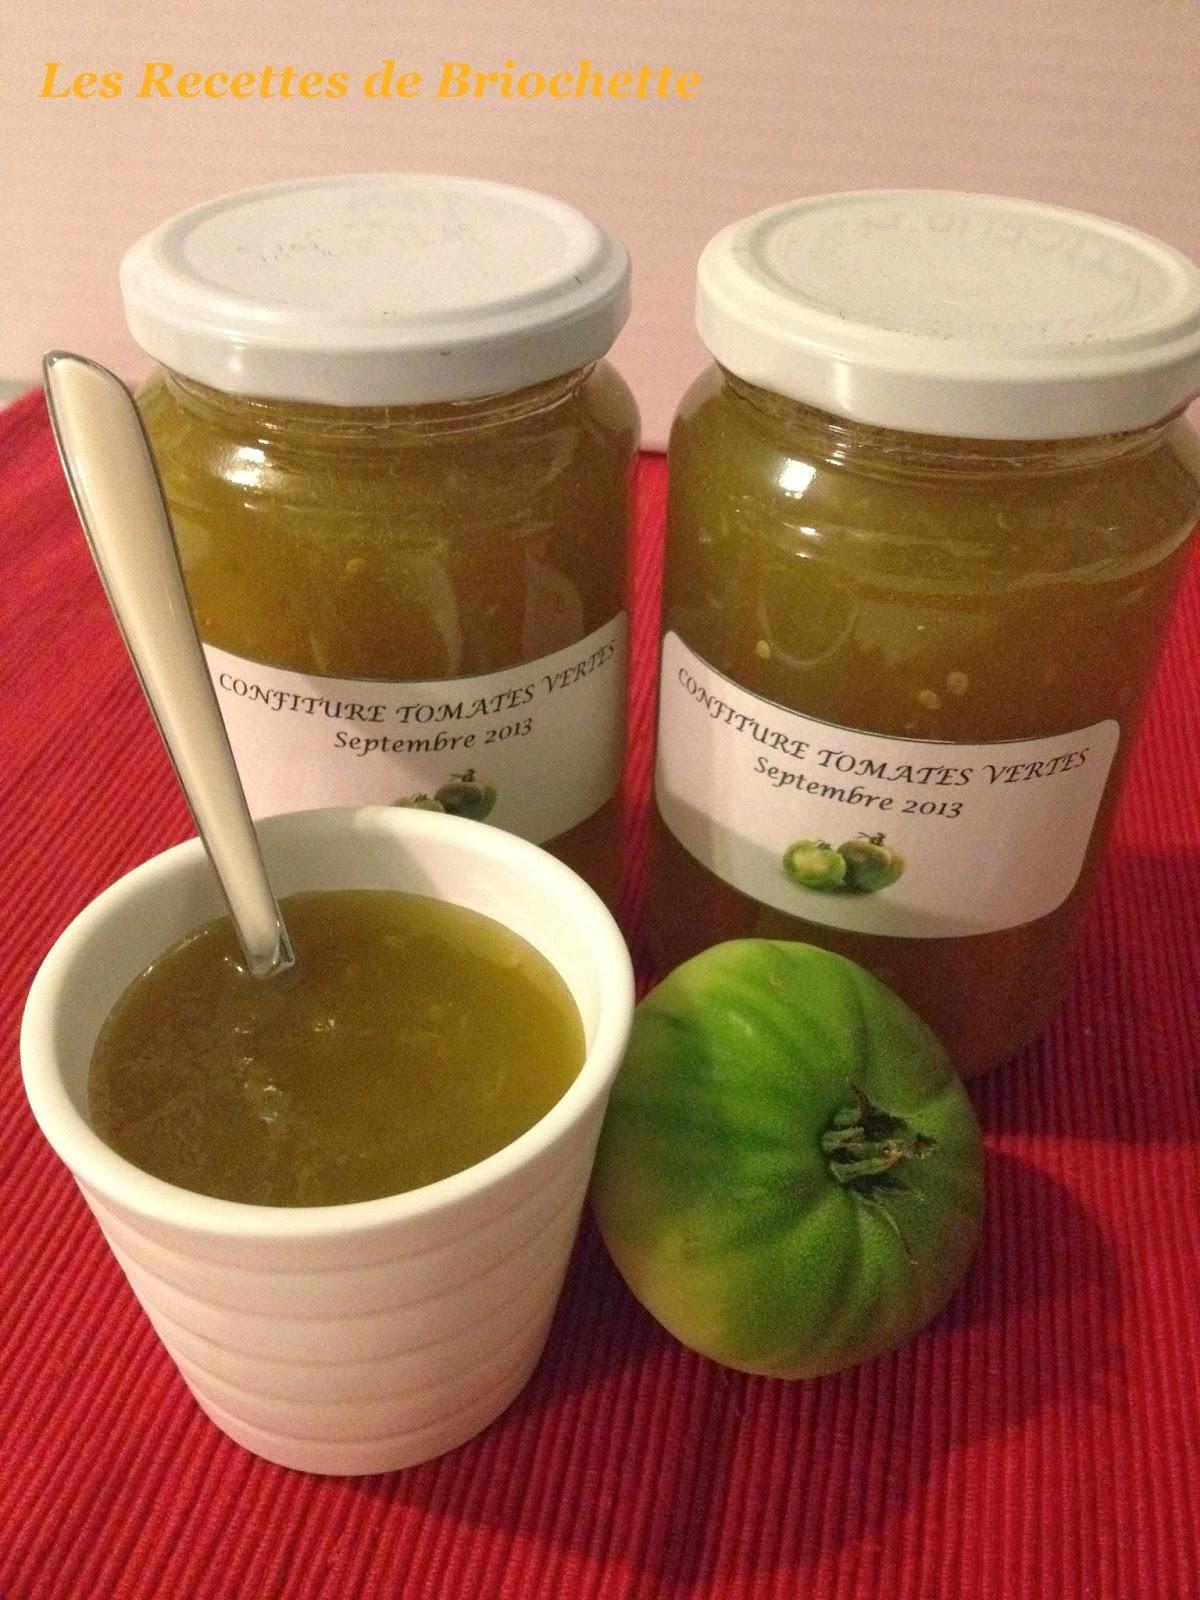 Les recettes de briochette confiture de tomates vertes - Cuisiner des tomates vertes ...